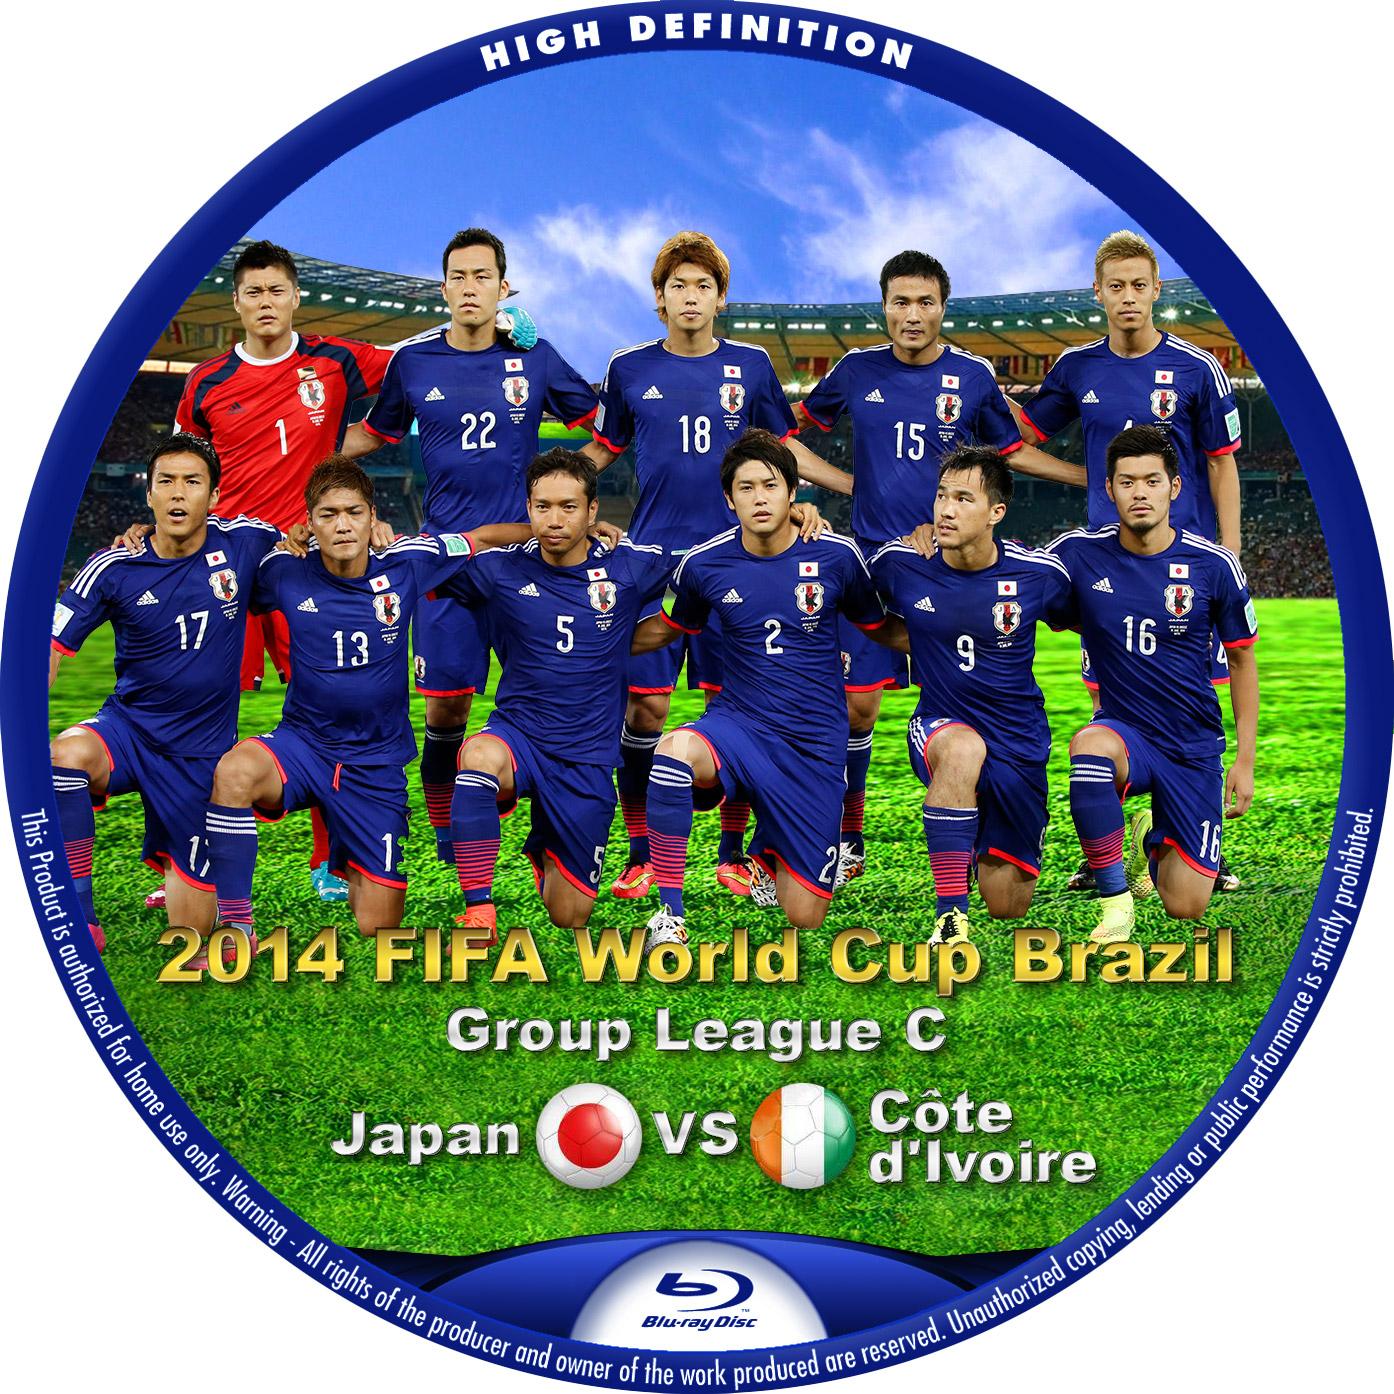 W杯 2014 ブラジル 日本代表 コートジボワール BDラベル Blu-ray